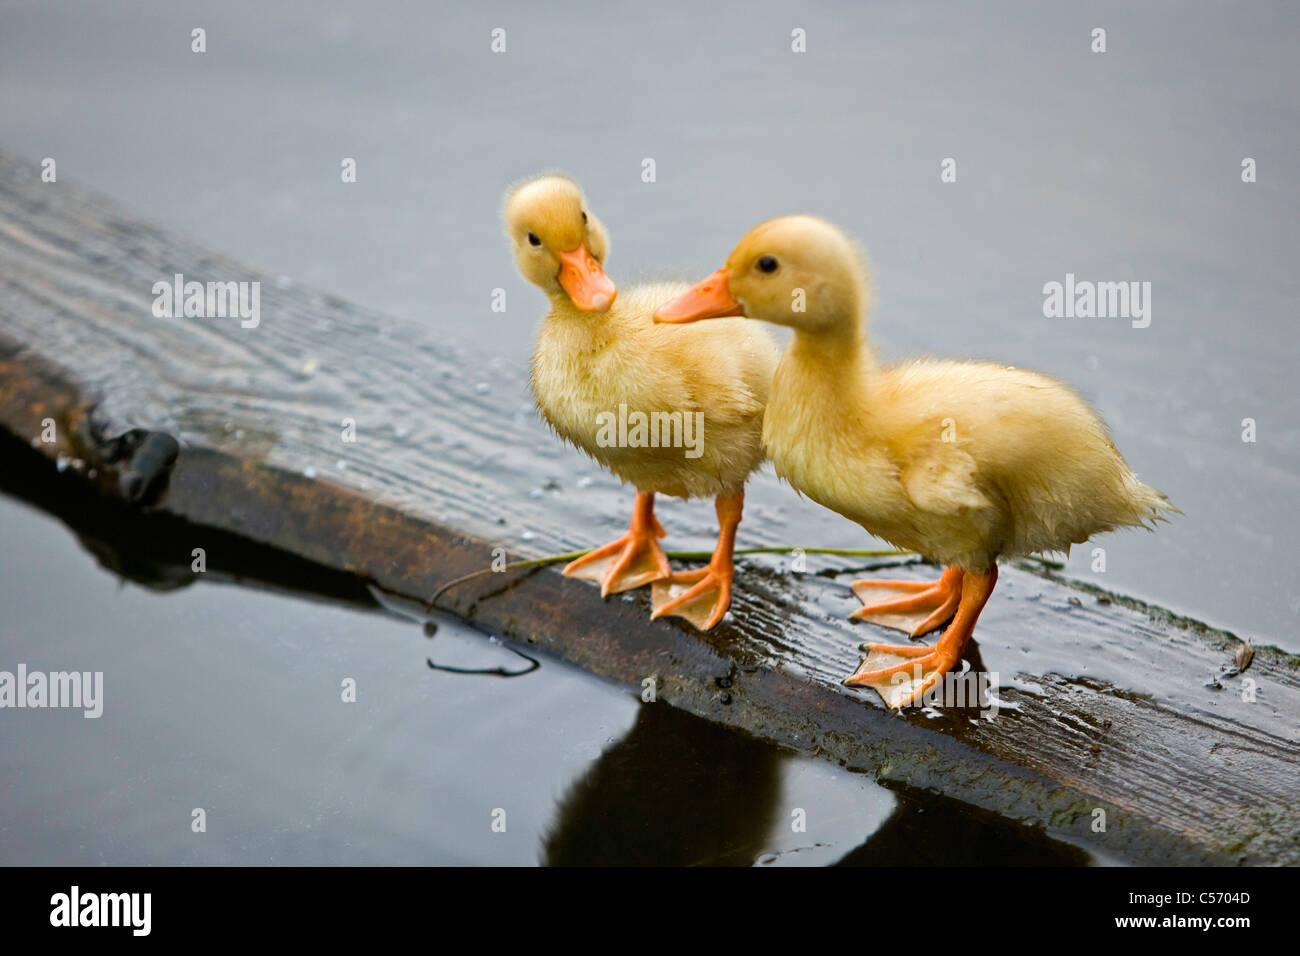 Niederlande,'s-Graveland. Wilde Duckings auf Holz Stockbild